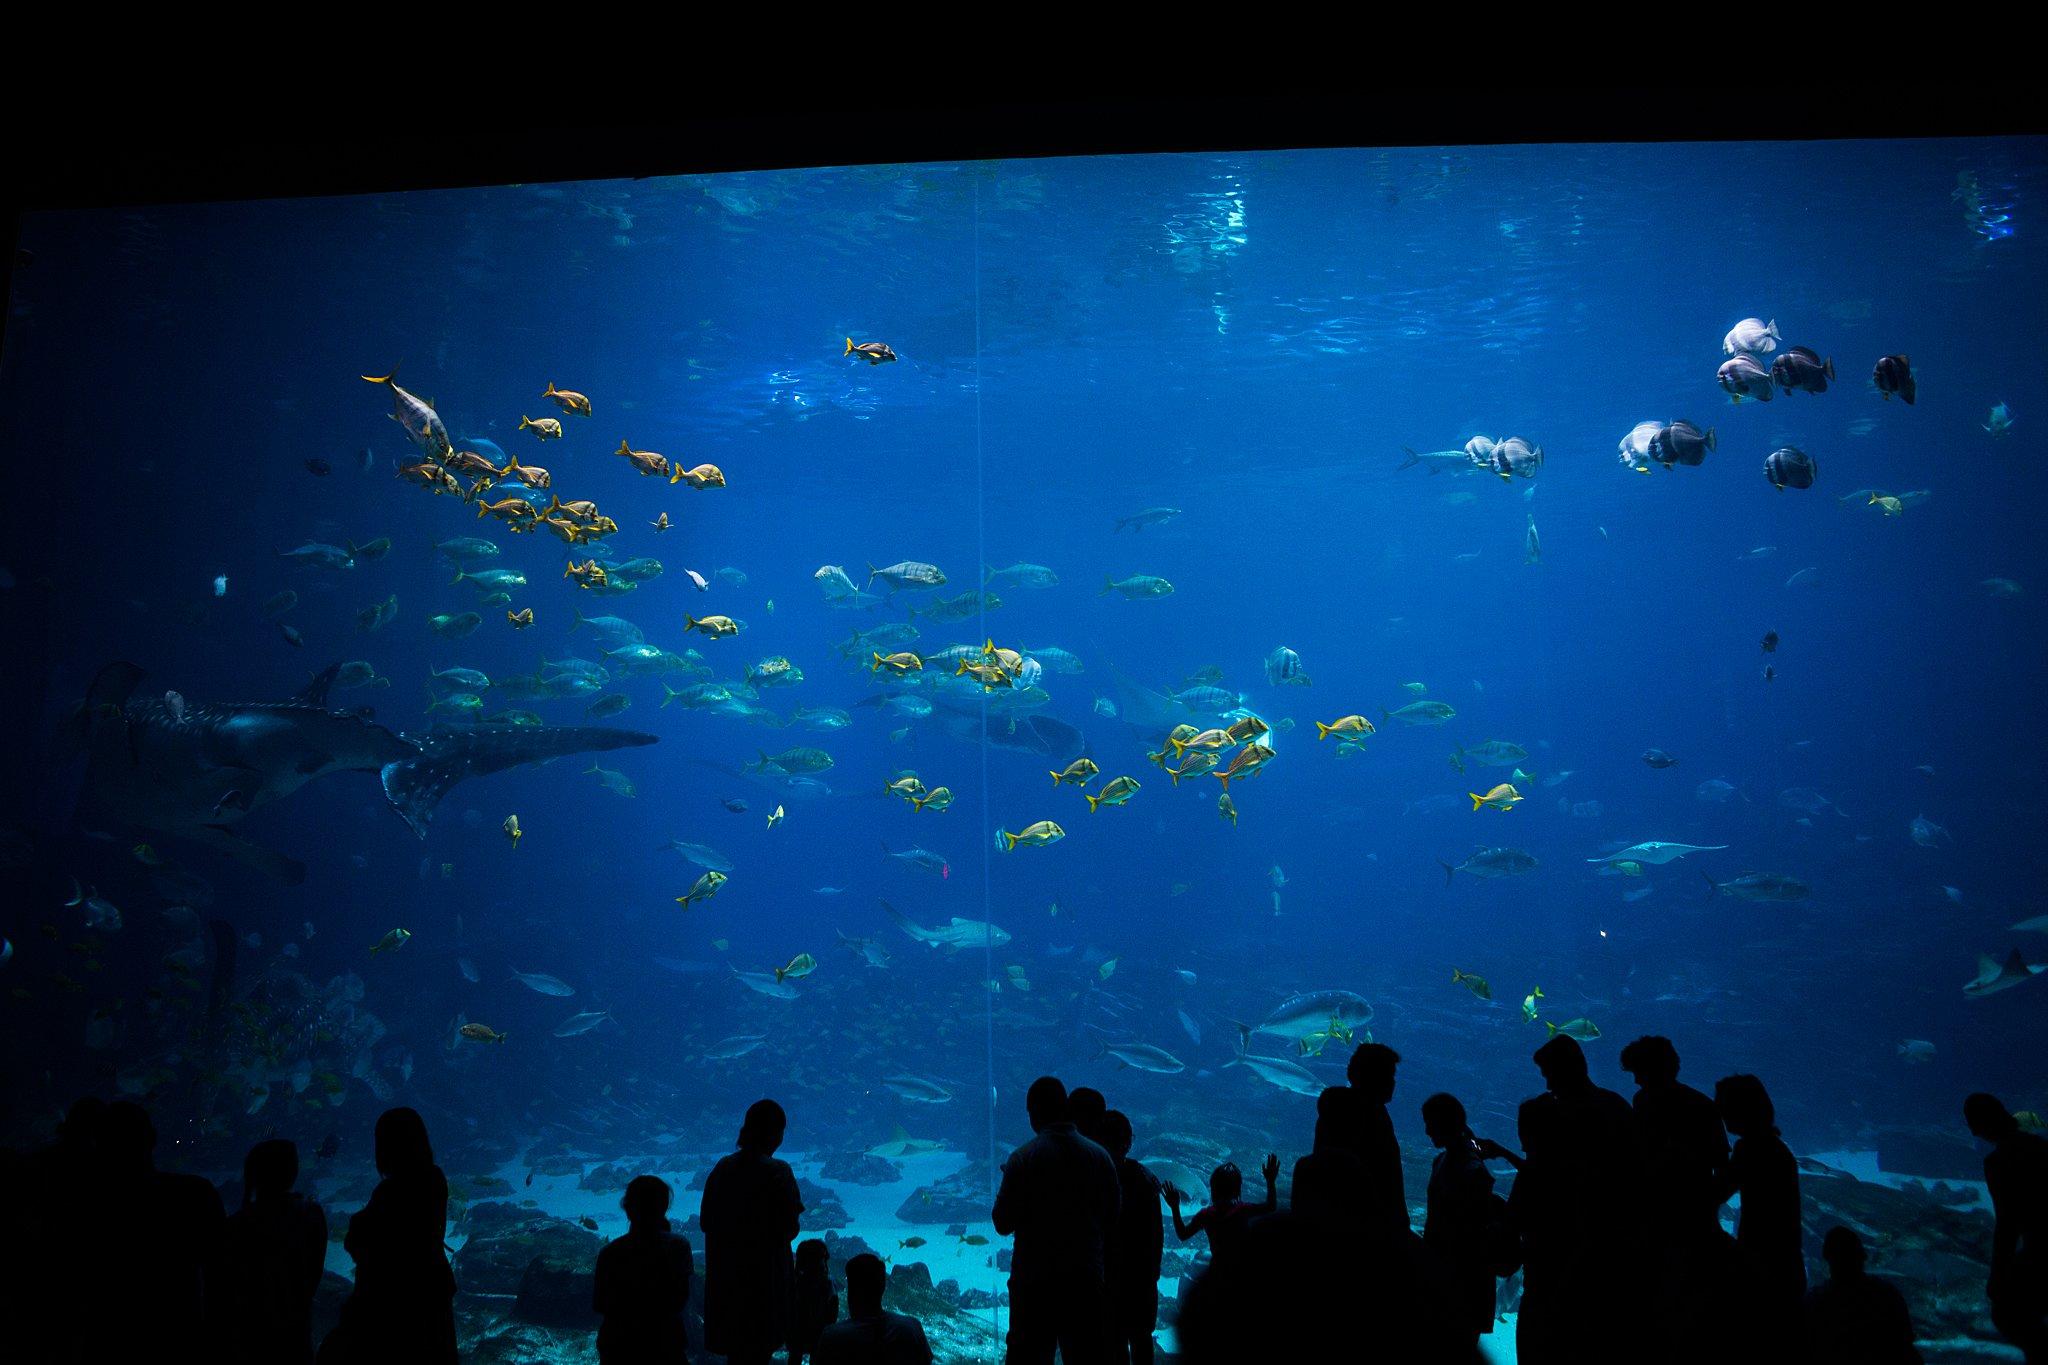 dark aquarium picture